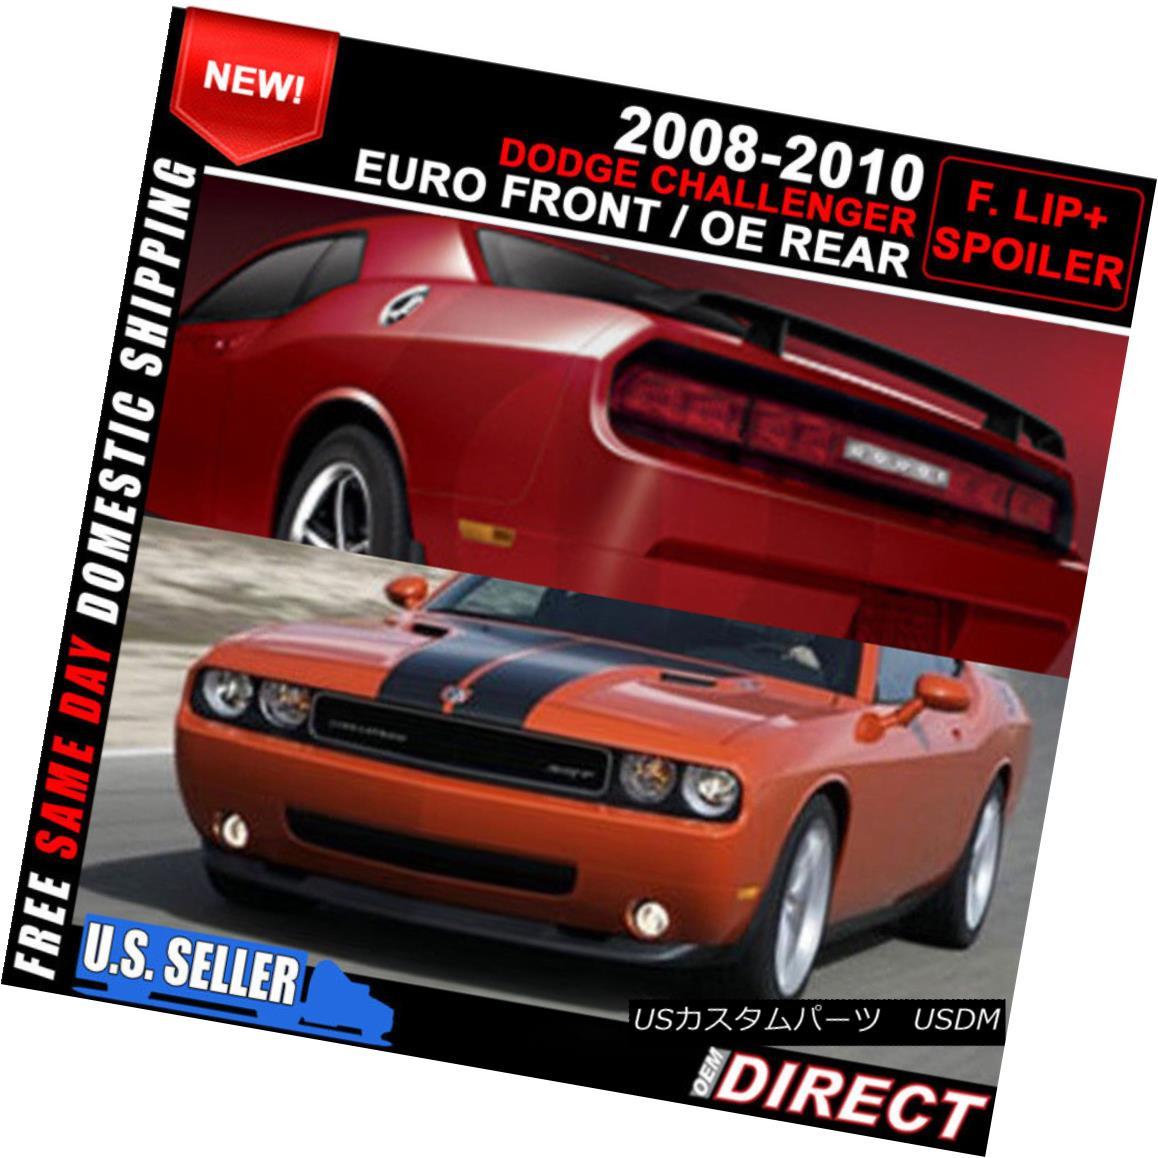 エアロパーツ For 08-10 Dodge Challenger Euro Style Front Lip + OE Style Trunk Spoiler ABS 08-10ドッジチャレンジャーユーロスタイルフロントリップ+ OEスタイルトランクスポイラーABS